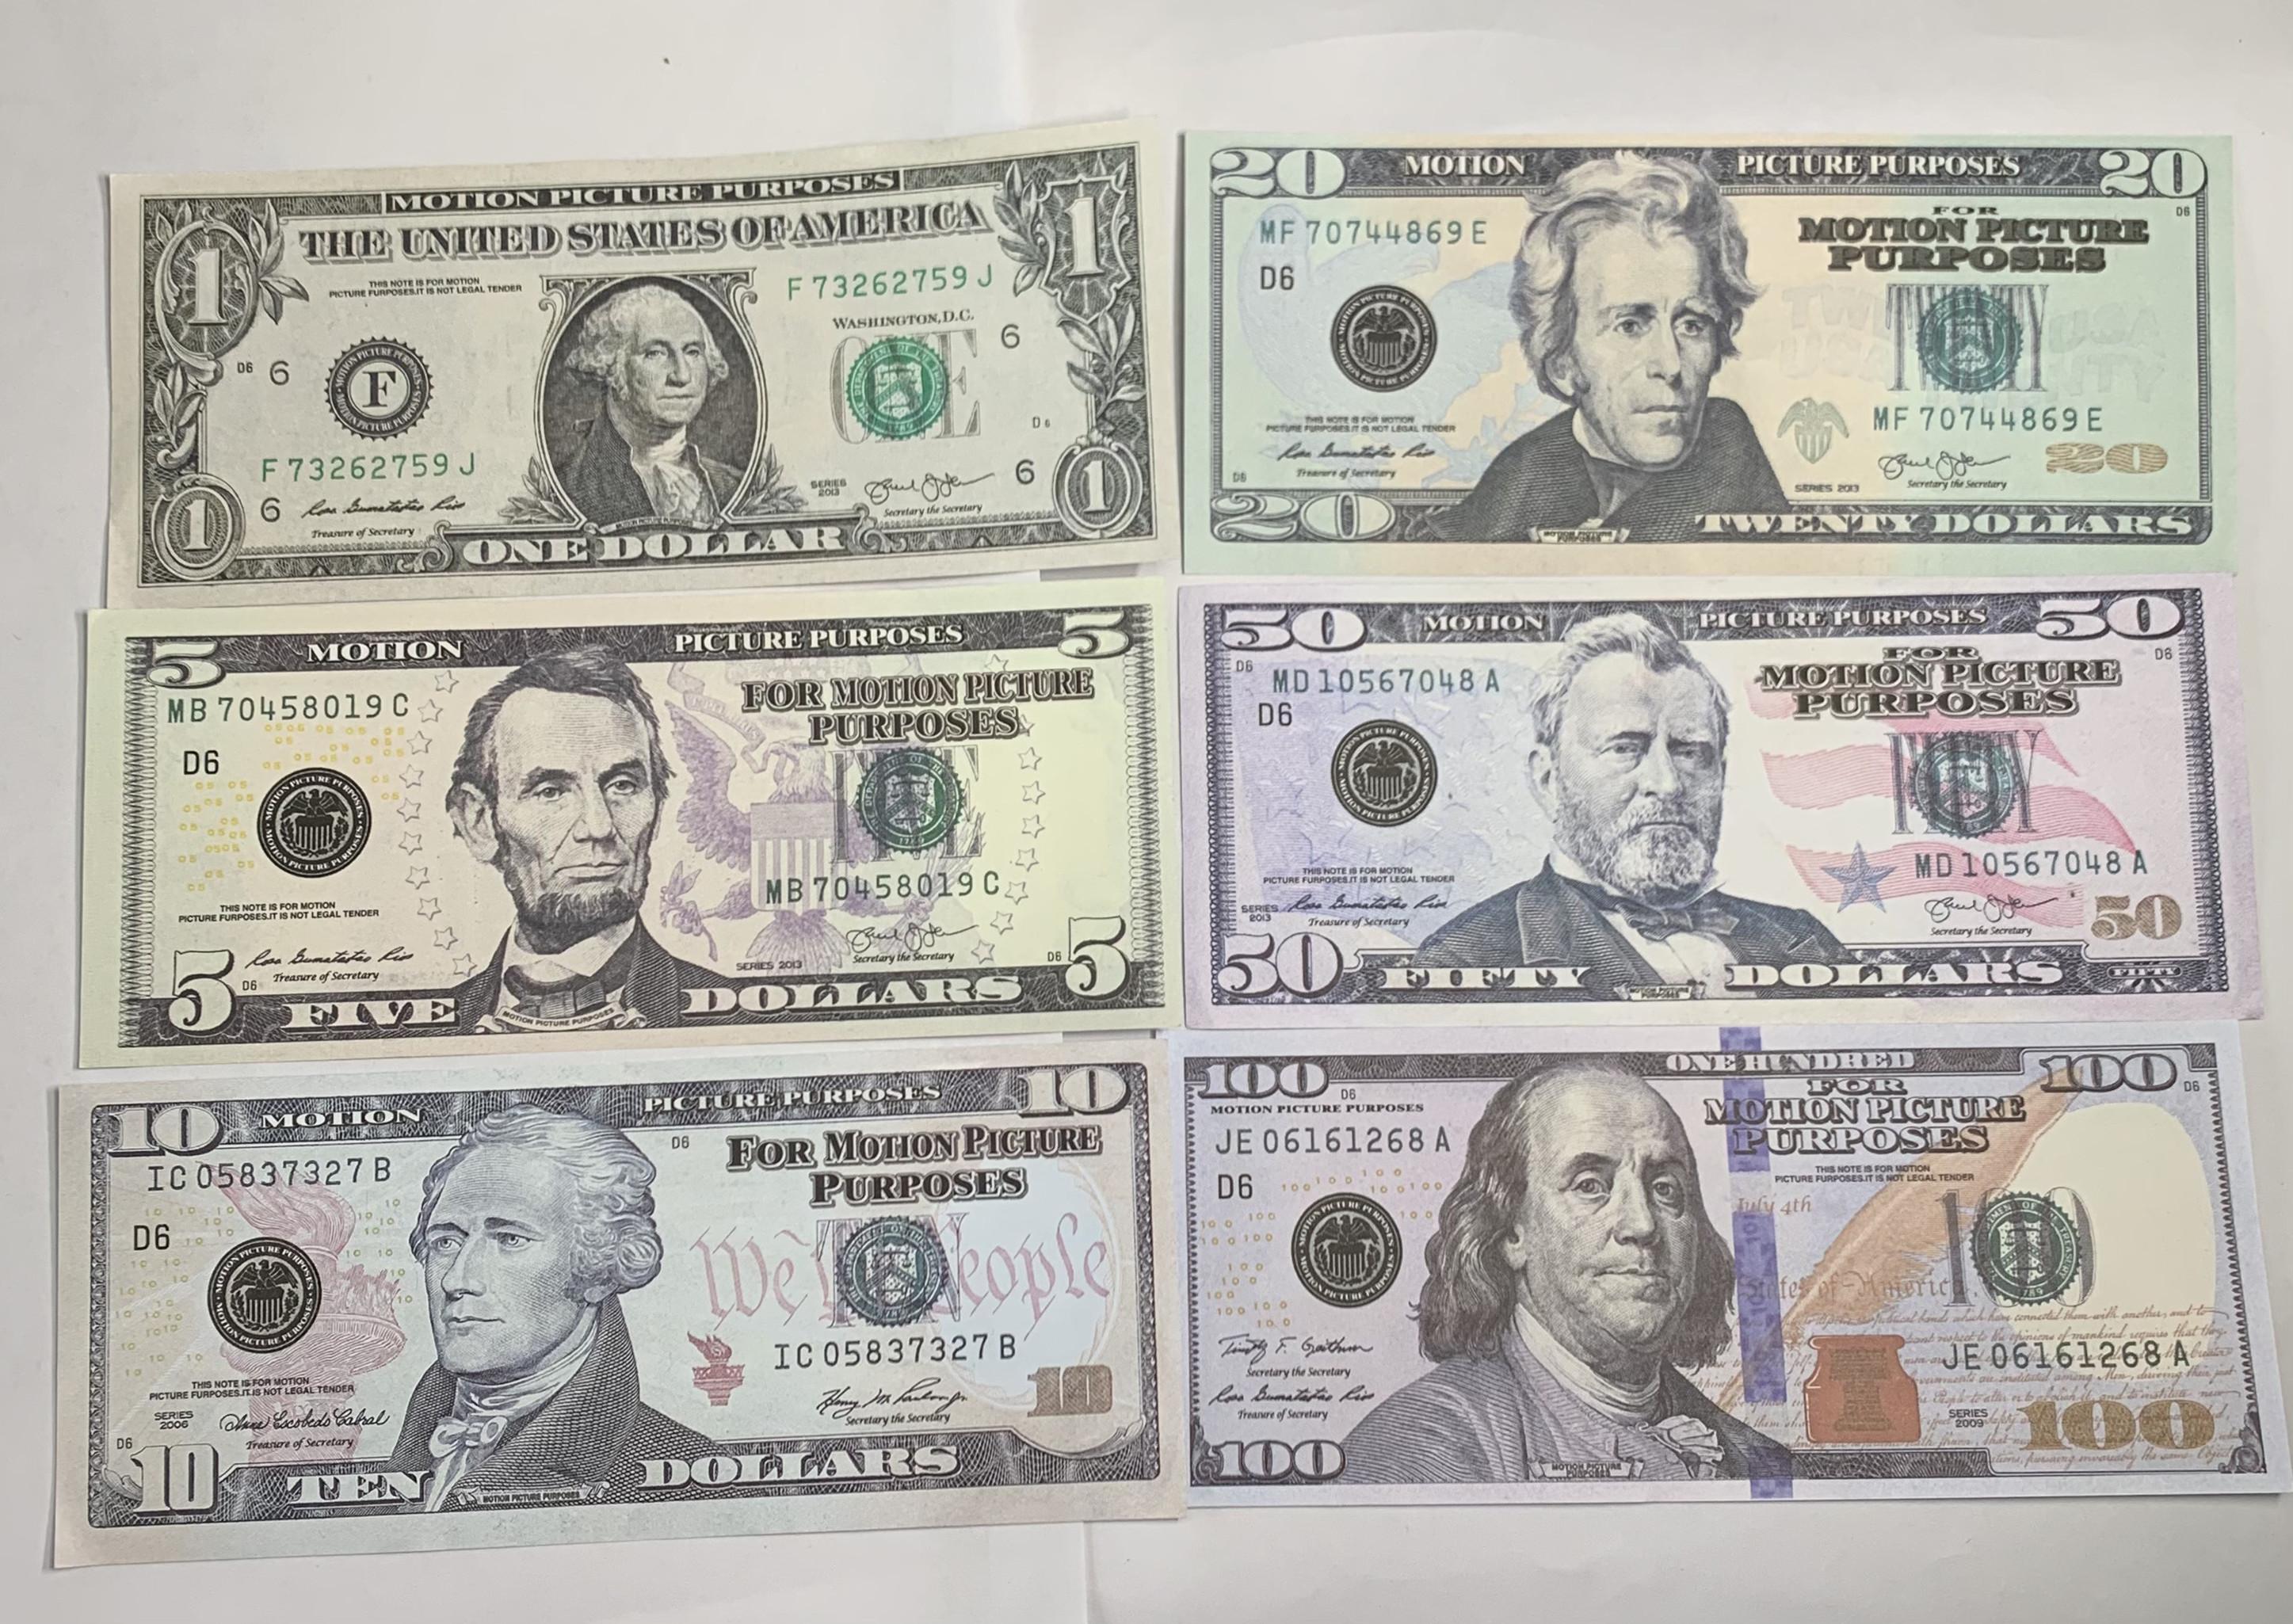 PROP DINERO 20 DÓLO 1 LA-011 10 REGALO FAKE 50 100 TICKET FALSET PLAY MONEY BANTENOTE FCITO FCITO NIÑOS COLECCIÓN DE BOLETAS 5 TOY SLXLH